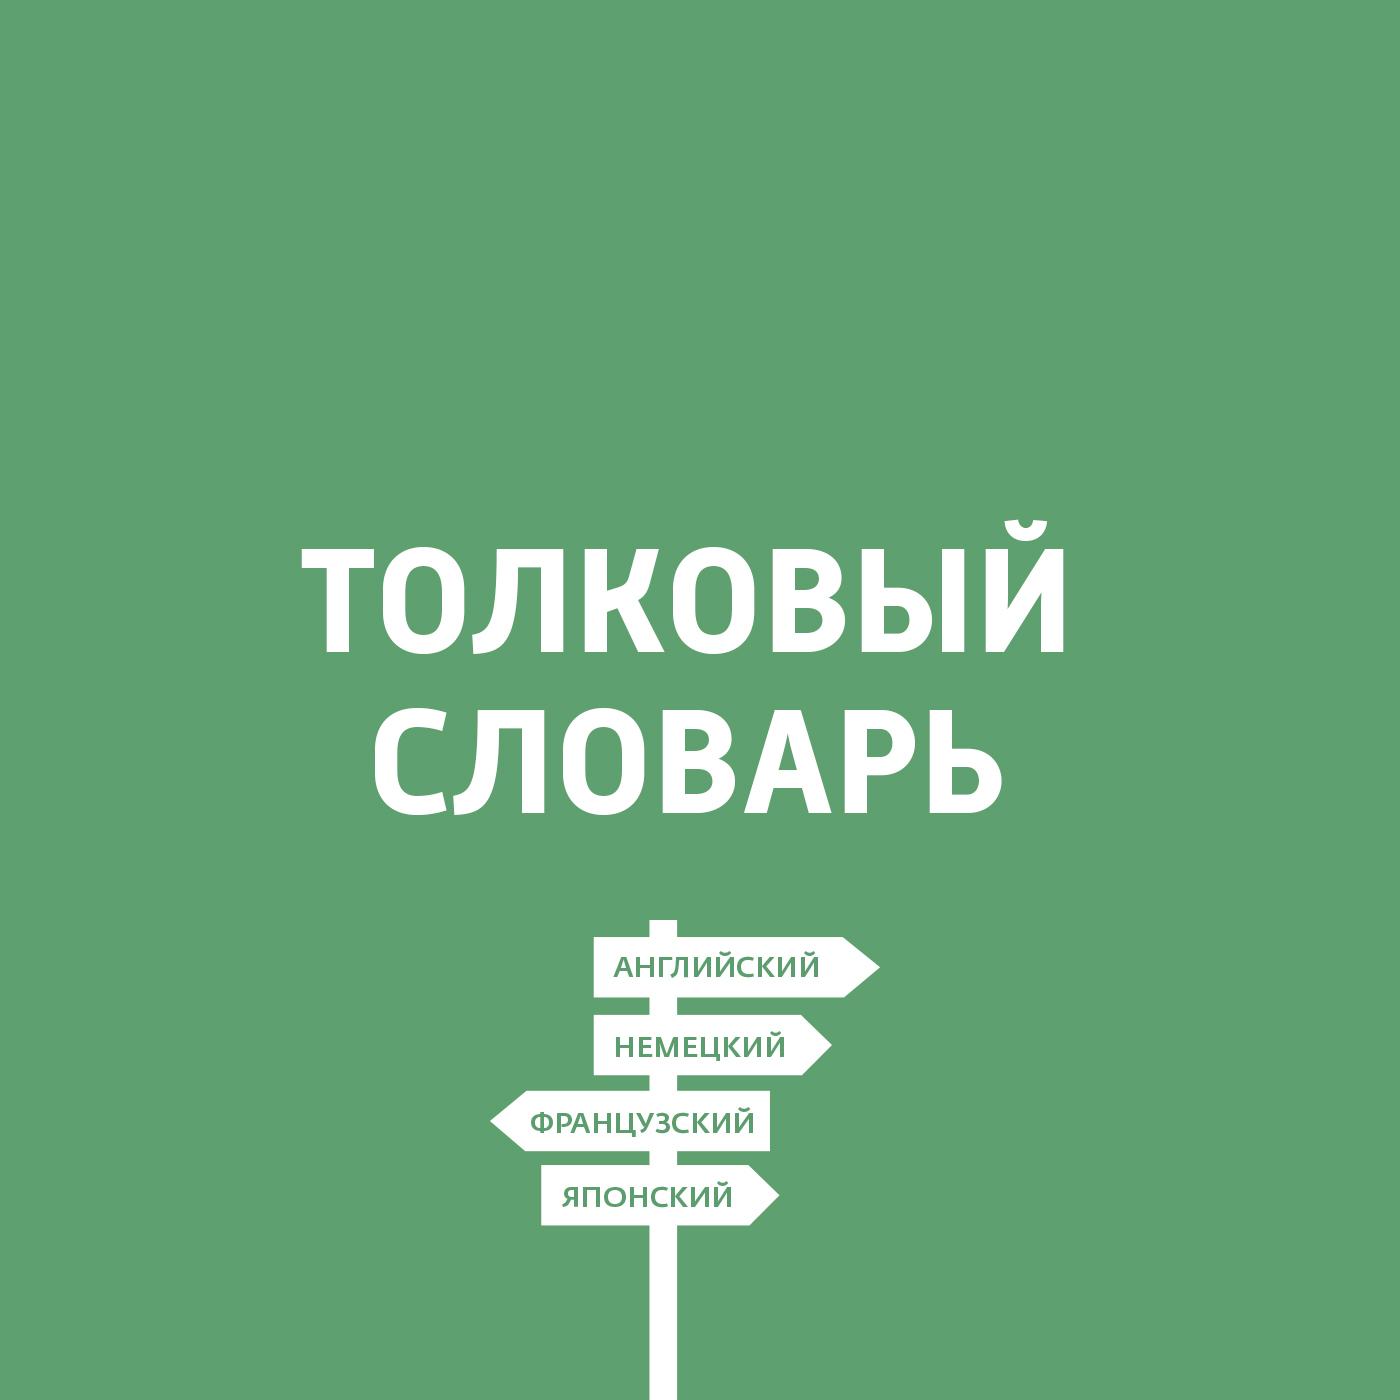 Дмитрий Петров Язык мемов медицина мем